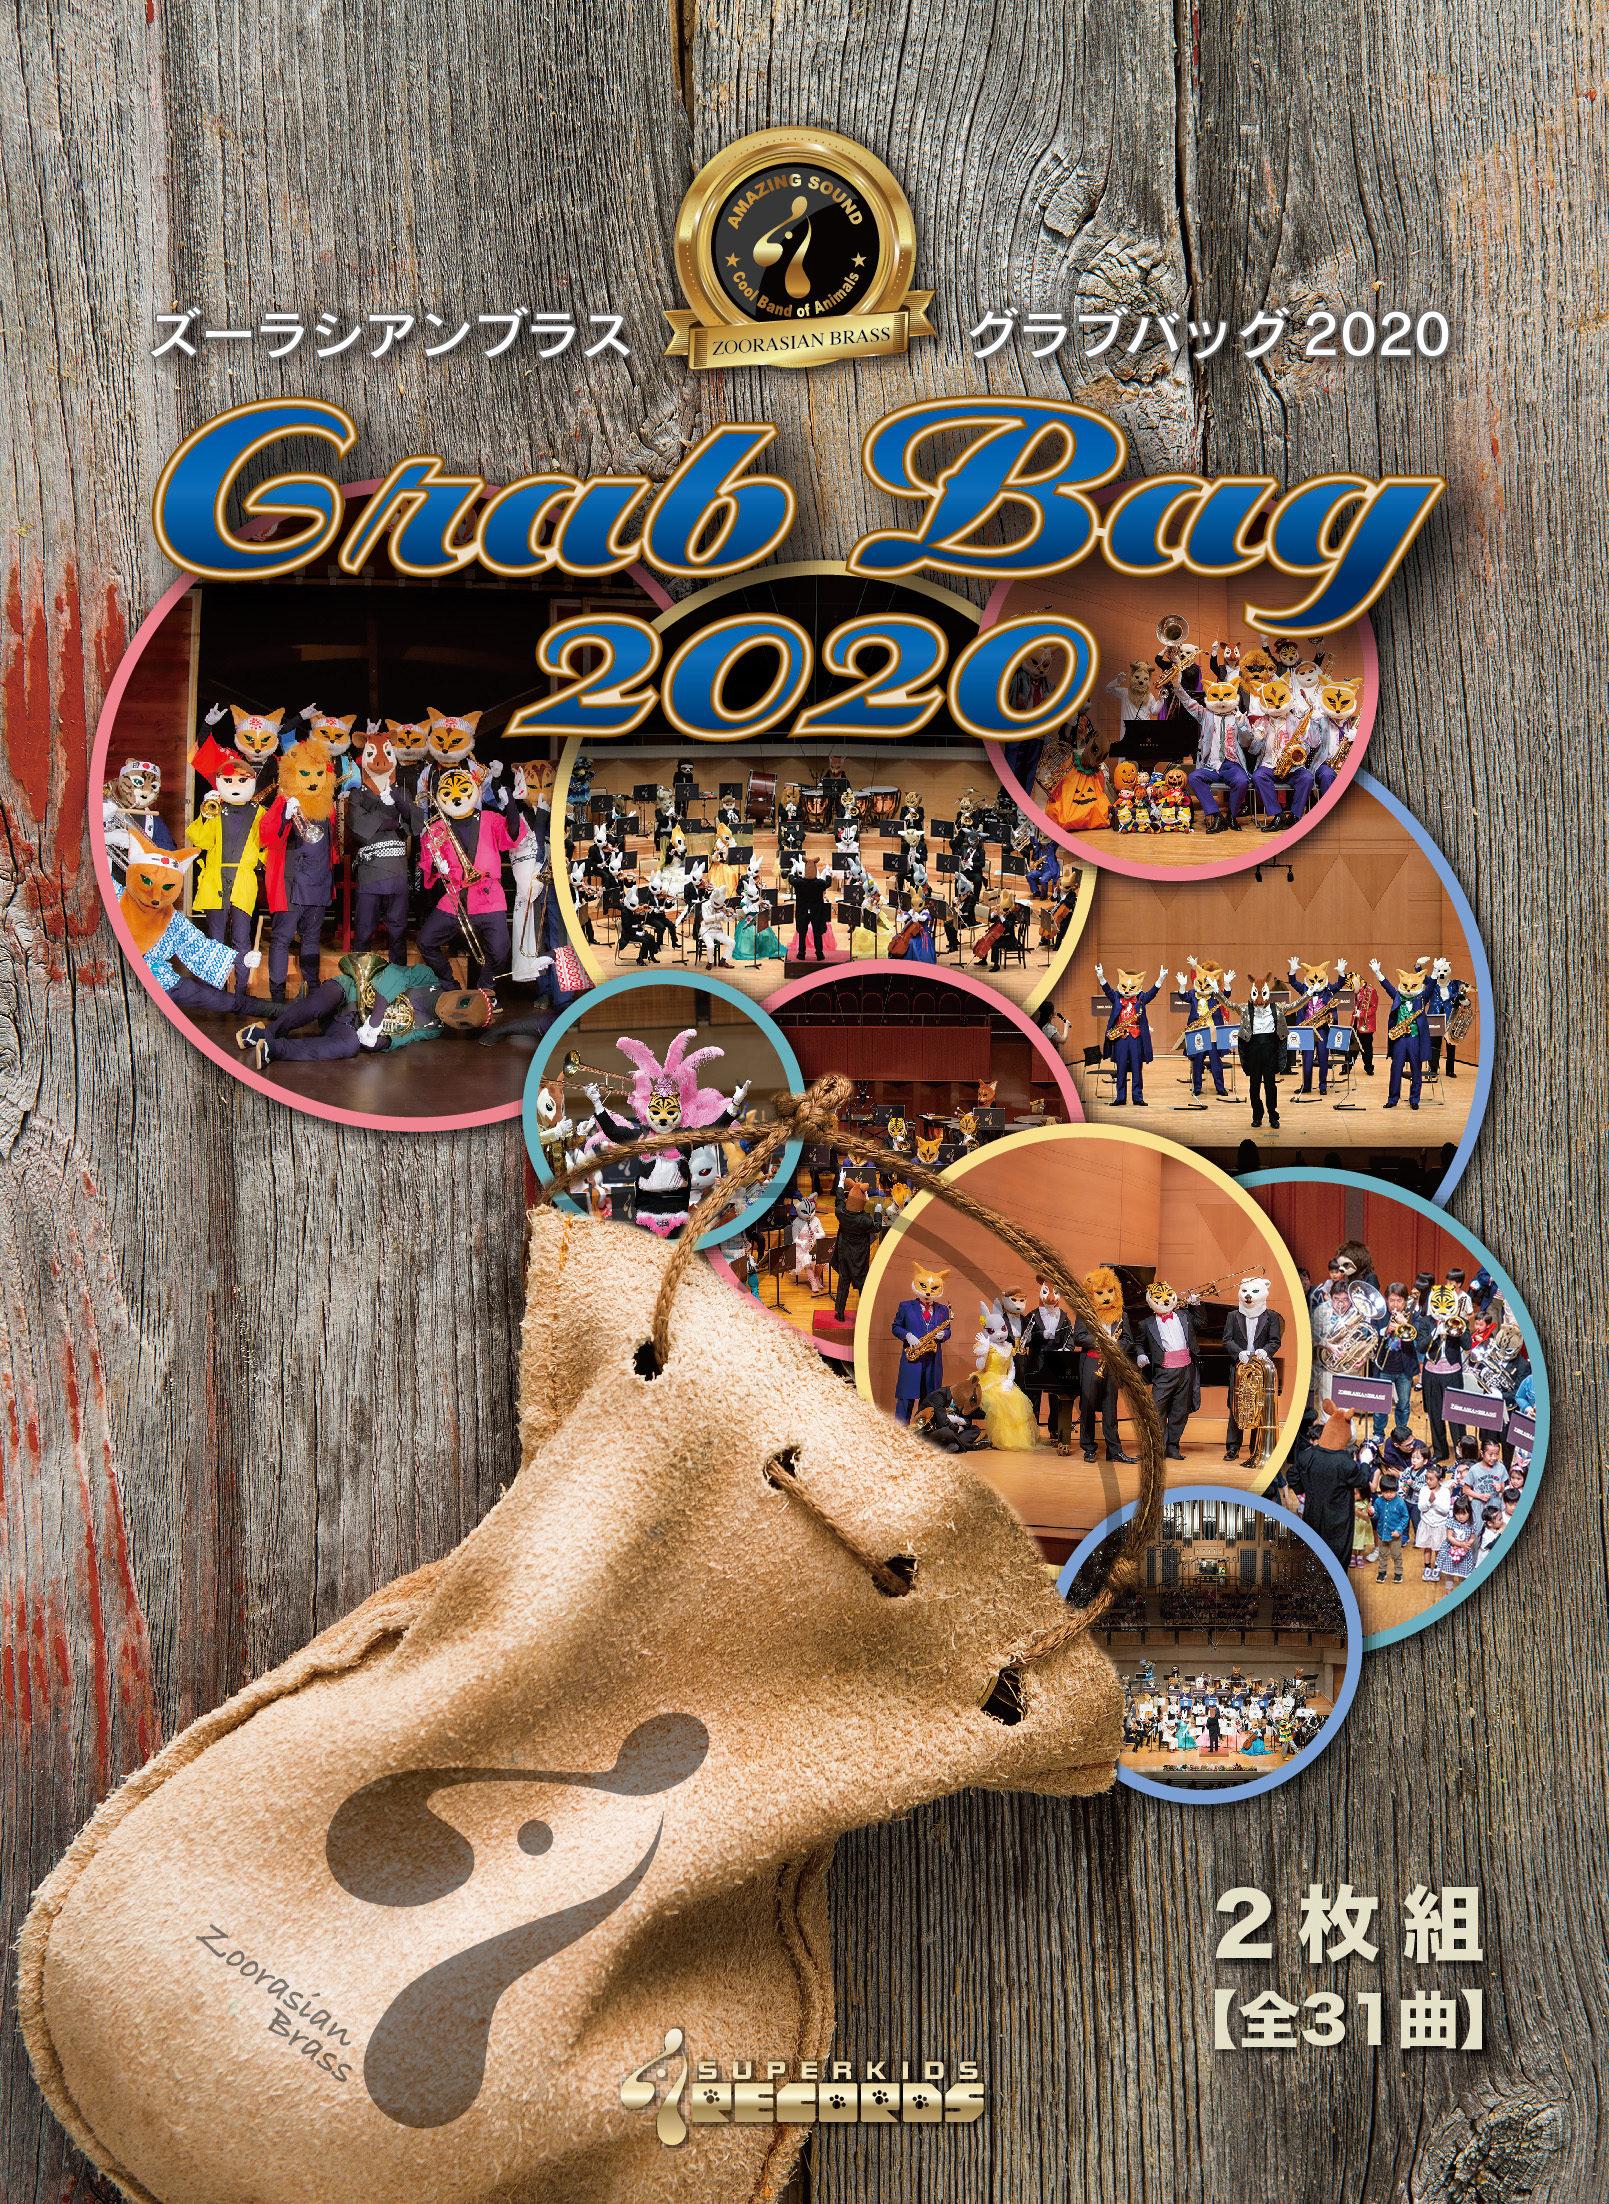 大ボリュームの31曲!2020年の公演から選りすぐった2枚組DVD 『ズーラシアンブラス グラブバッグ2020』 2021年5月5日発売